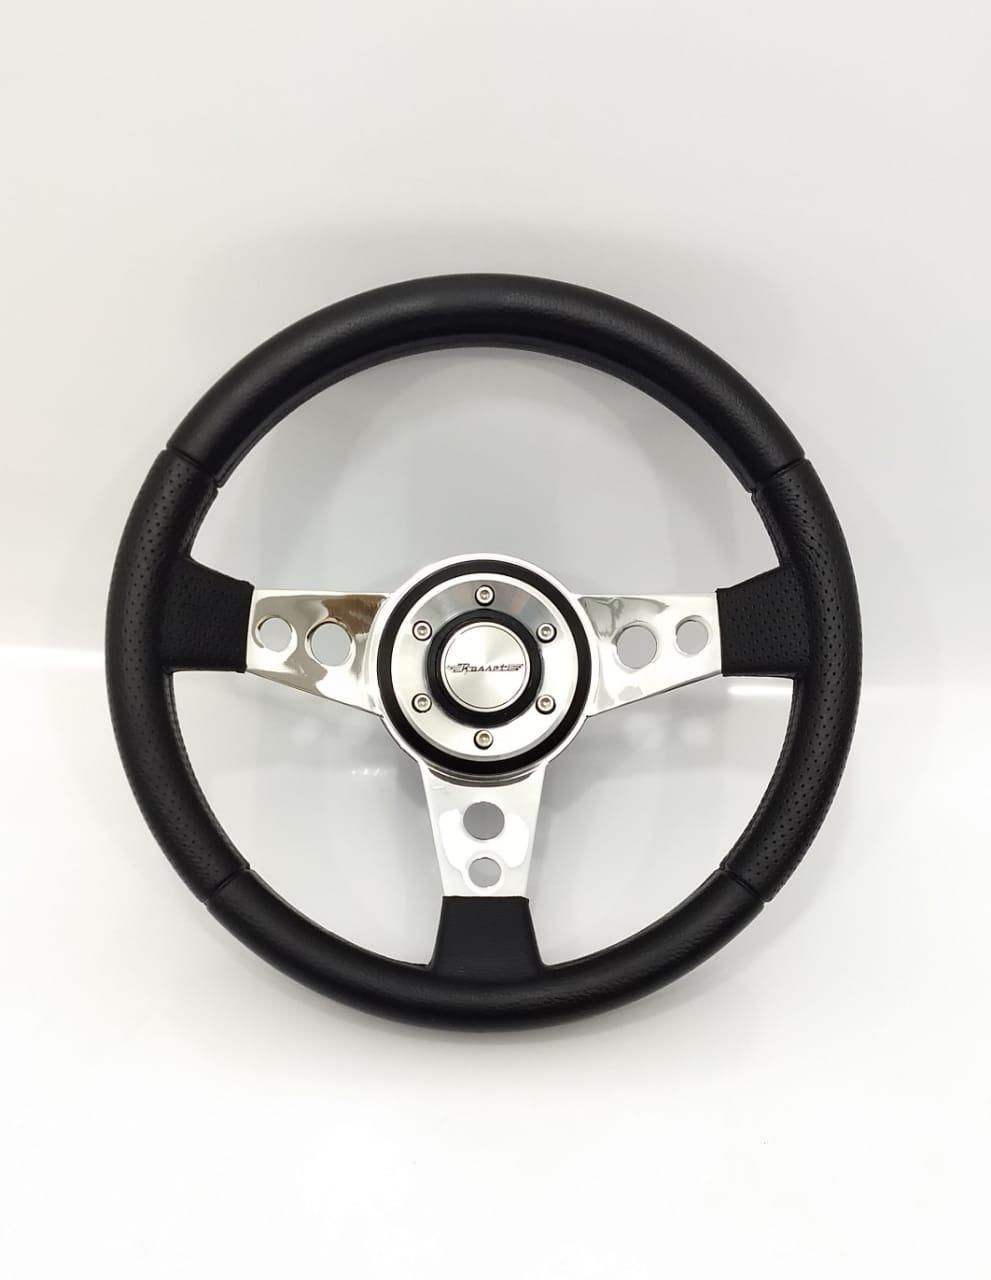 Volante Lenker Racing Master